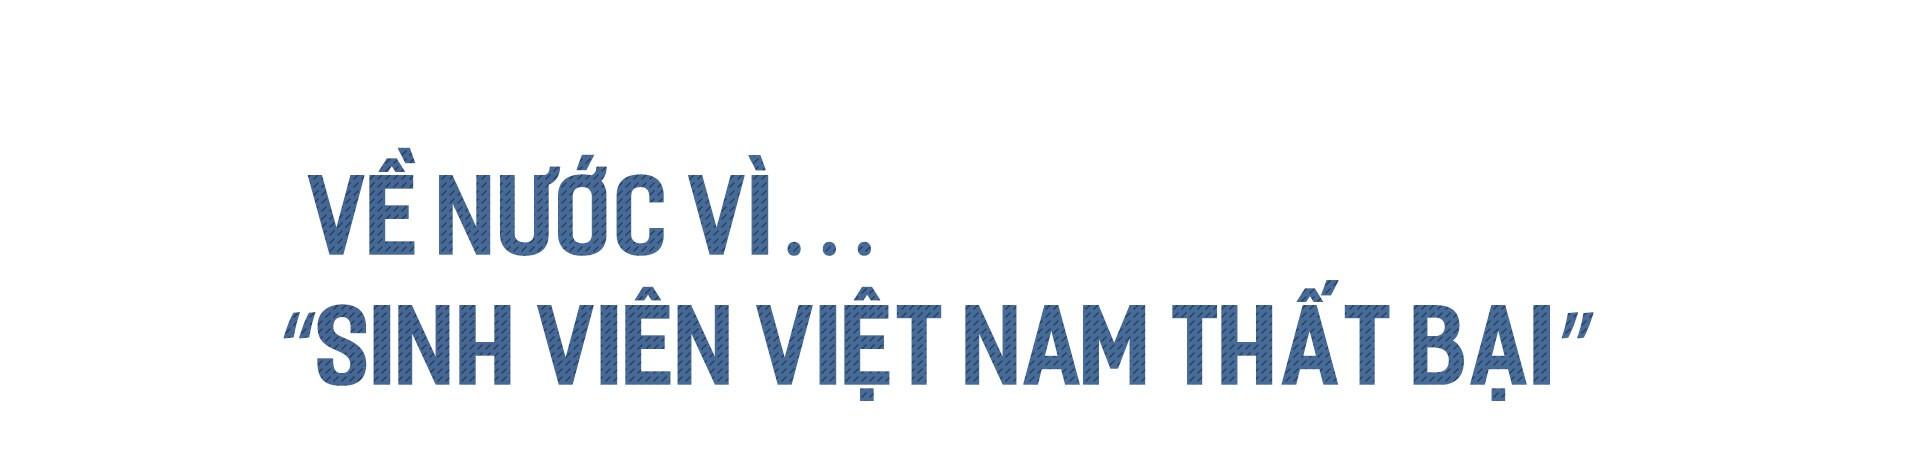 GS Võ Văn Tới: Về nước vì sinh viên Việt Nam thất bại - Ảnh 2.